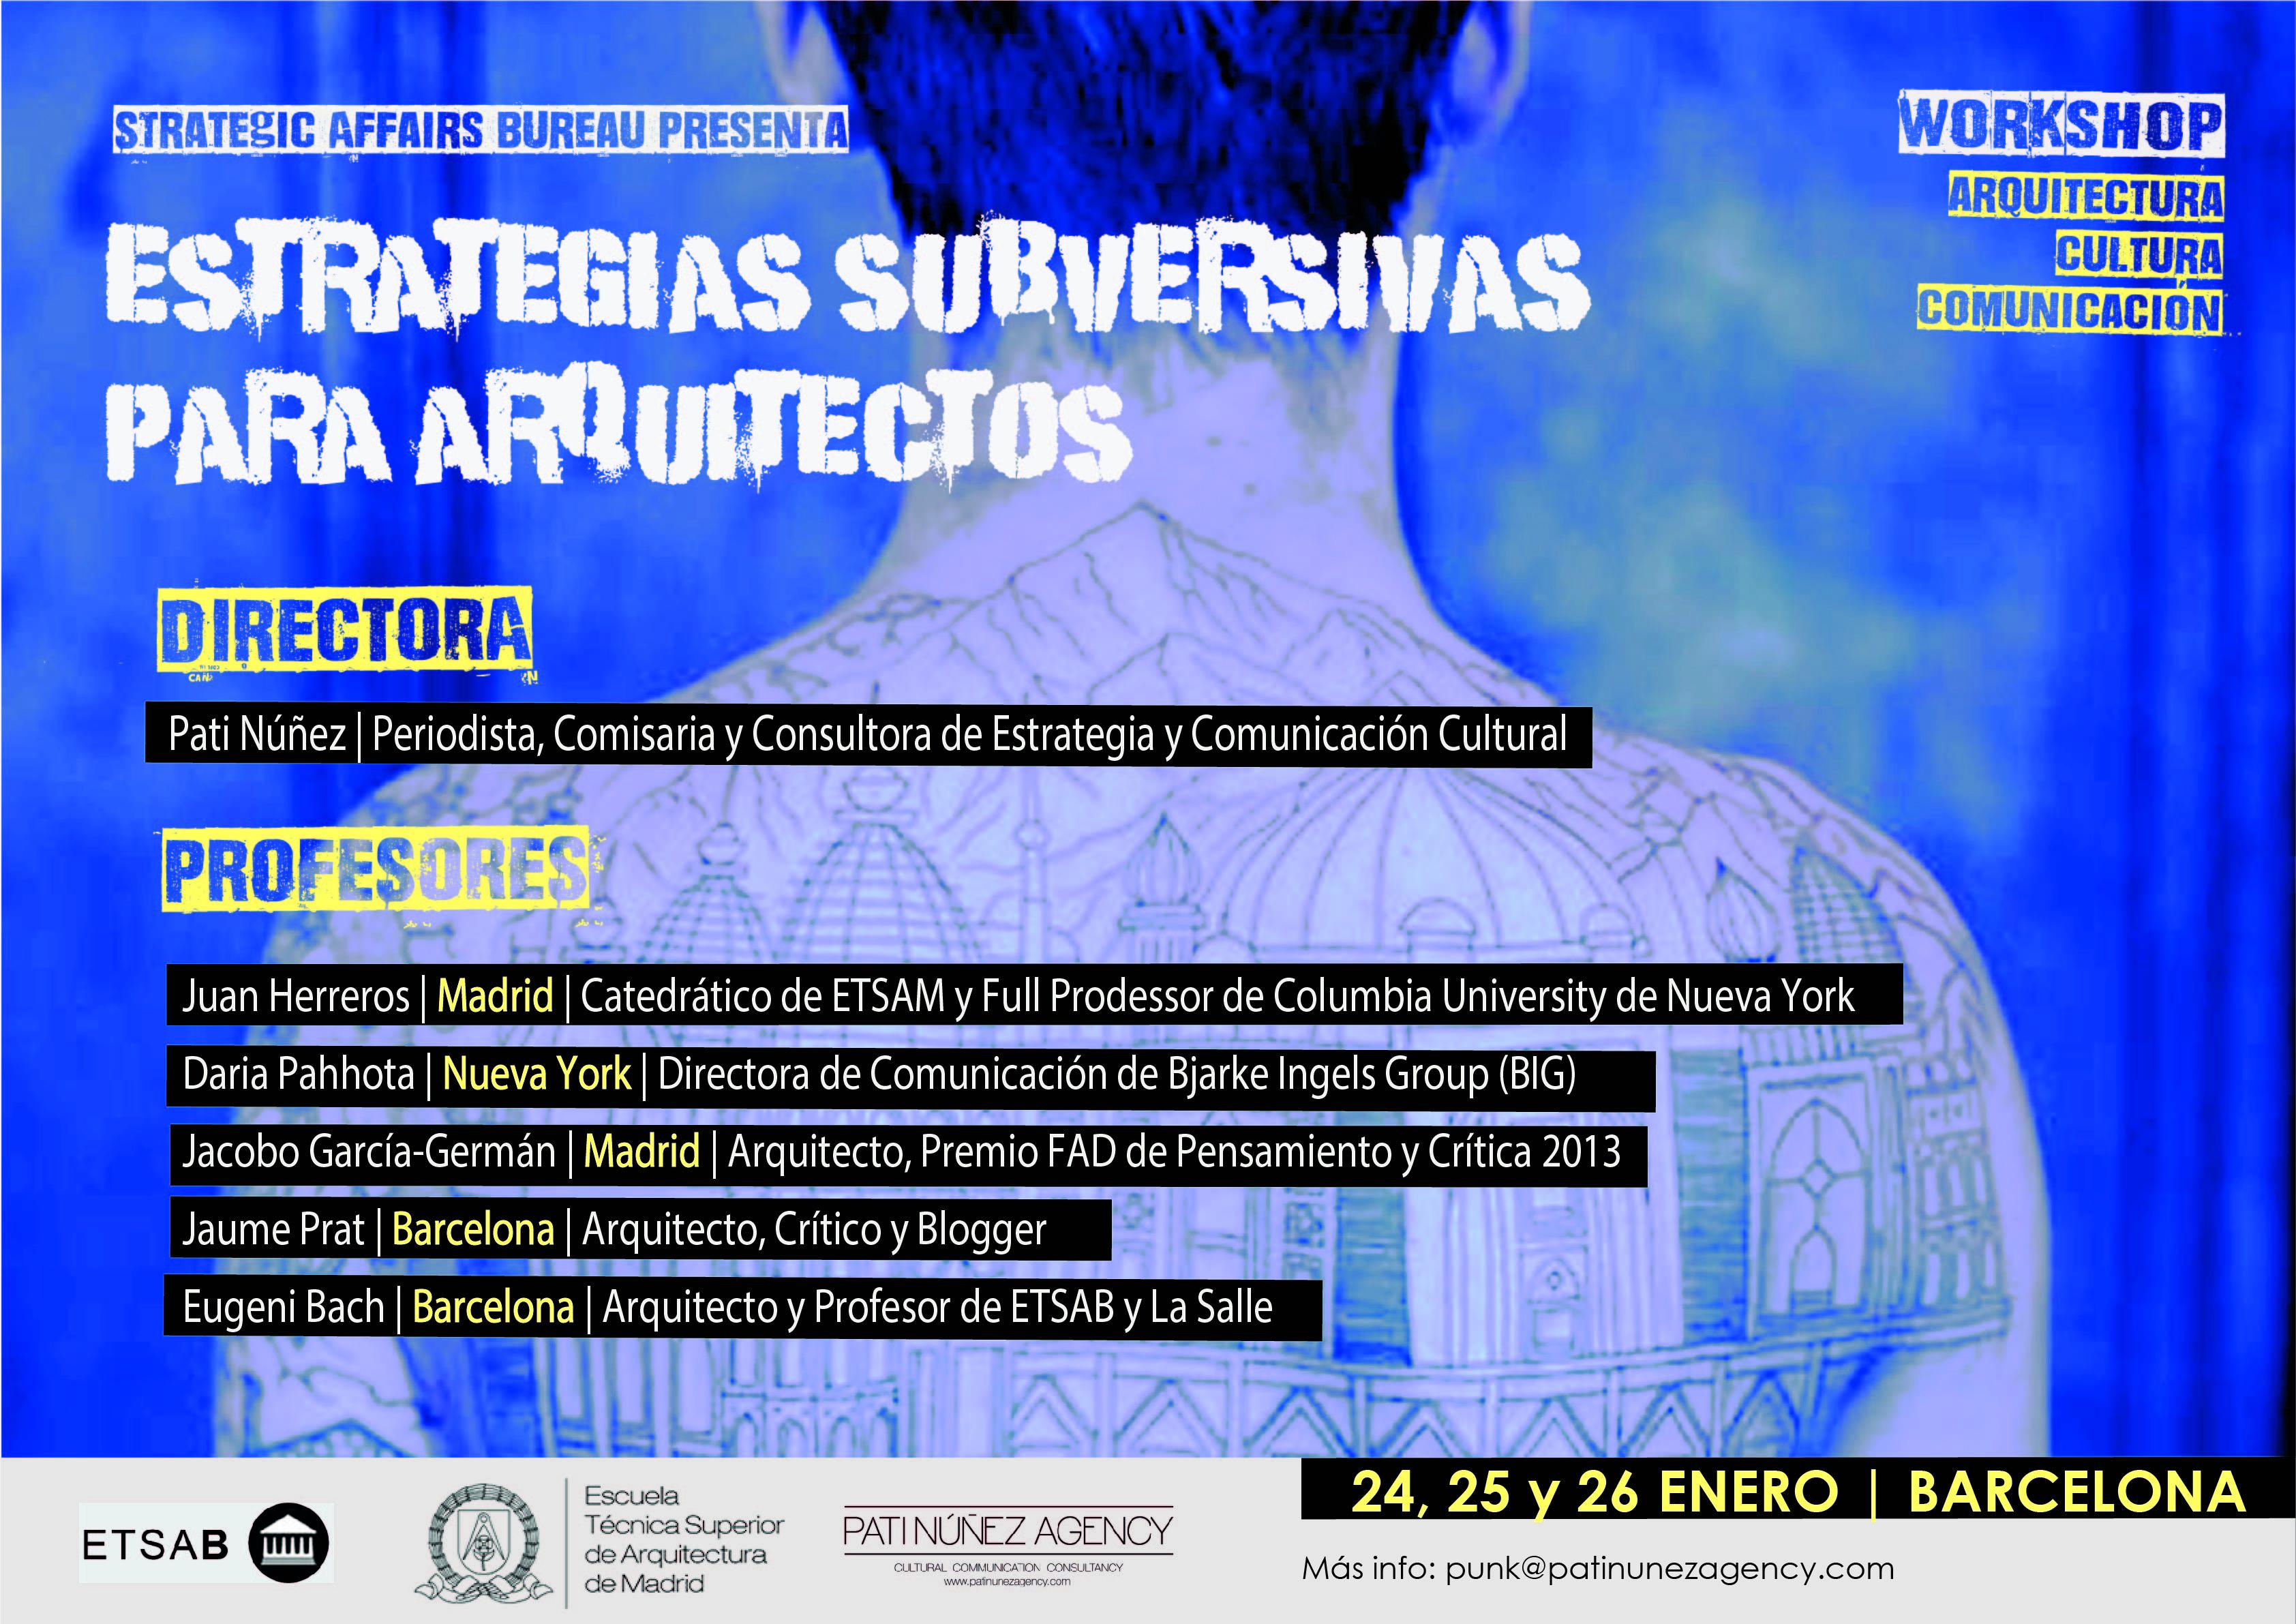 18_Estrategias_poster.jpg